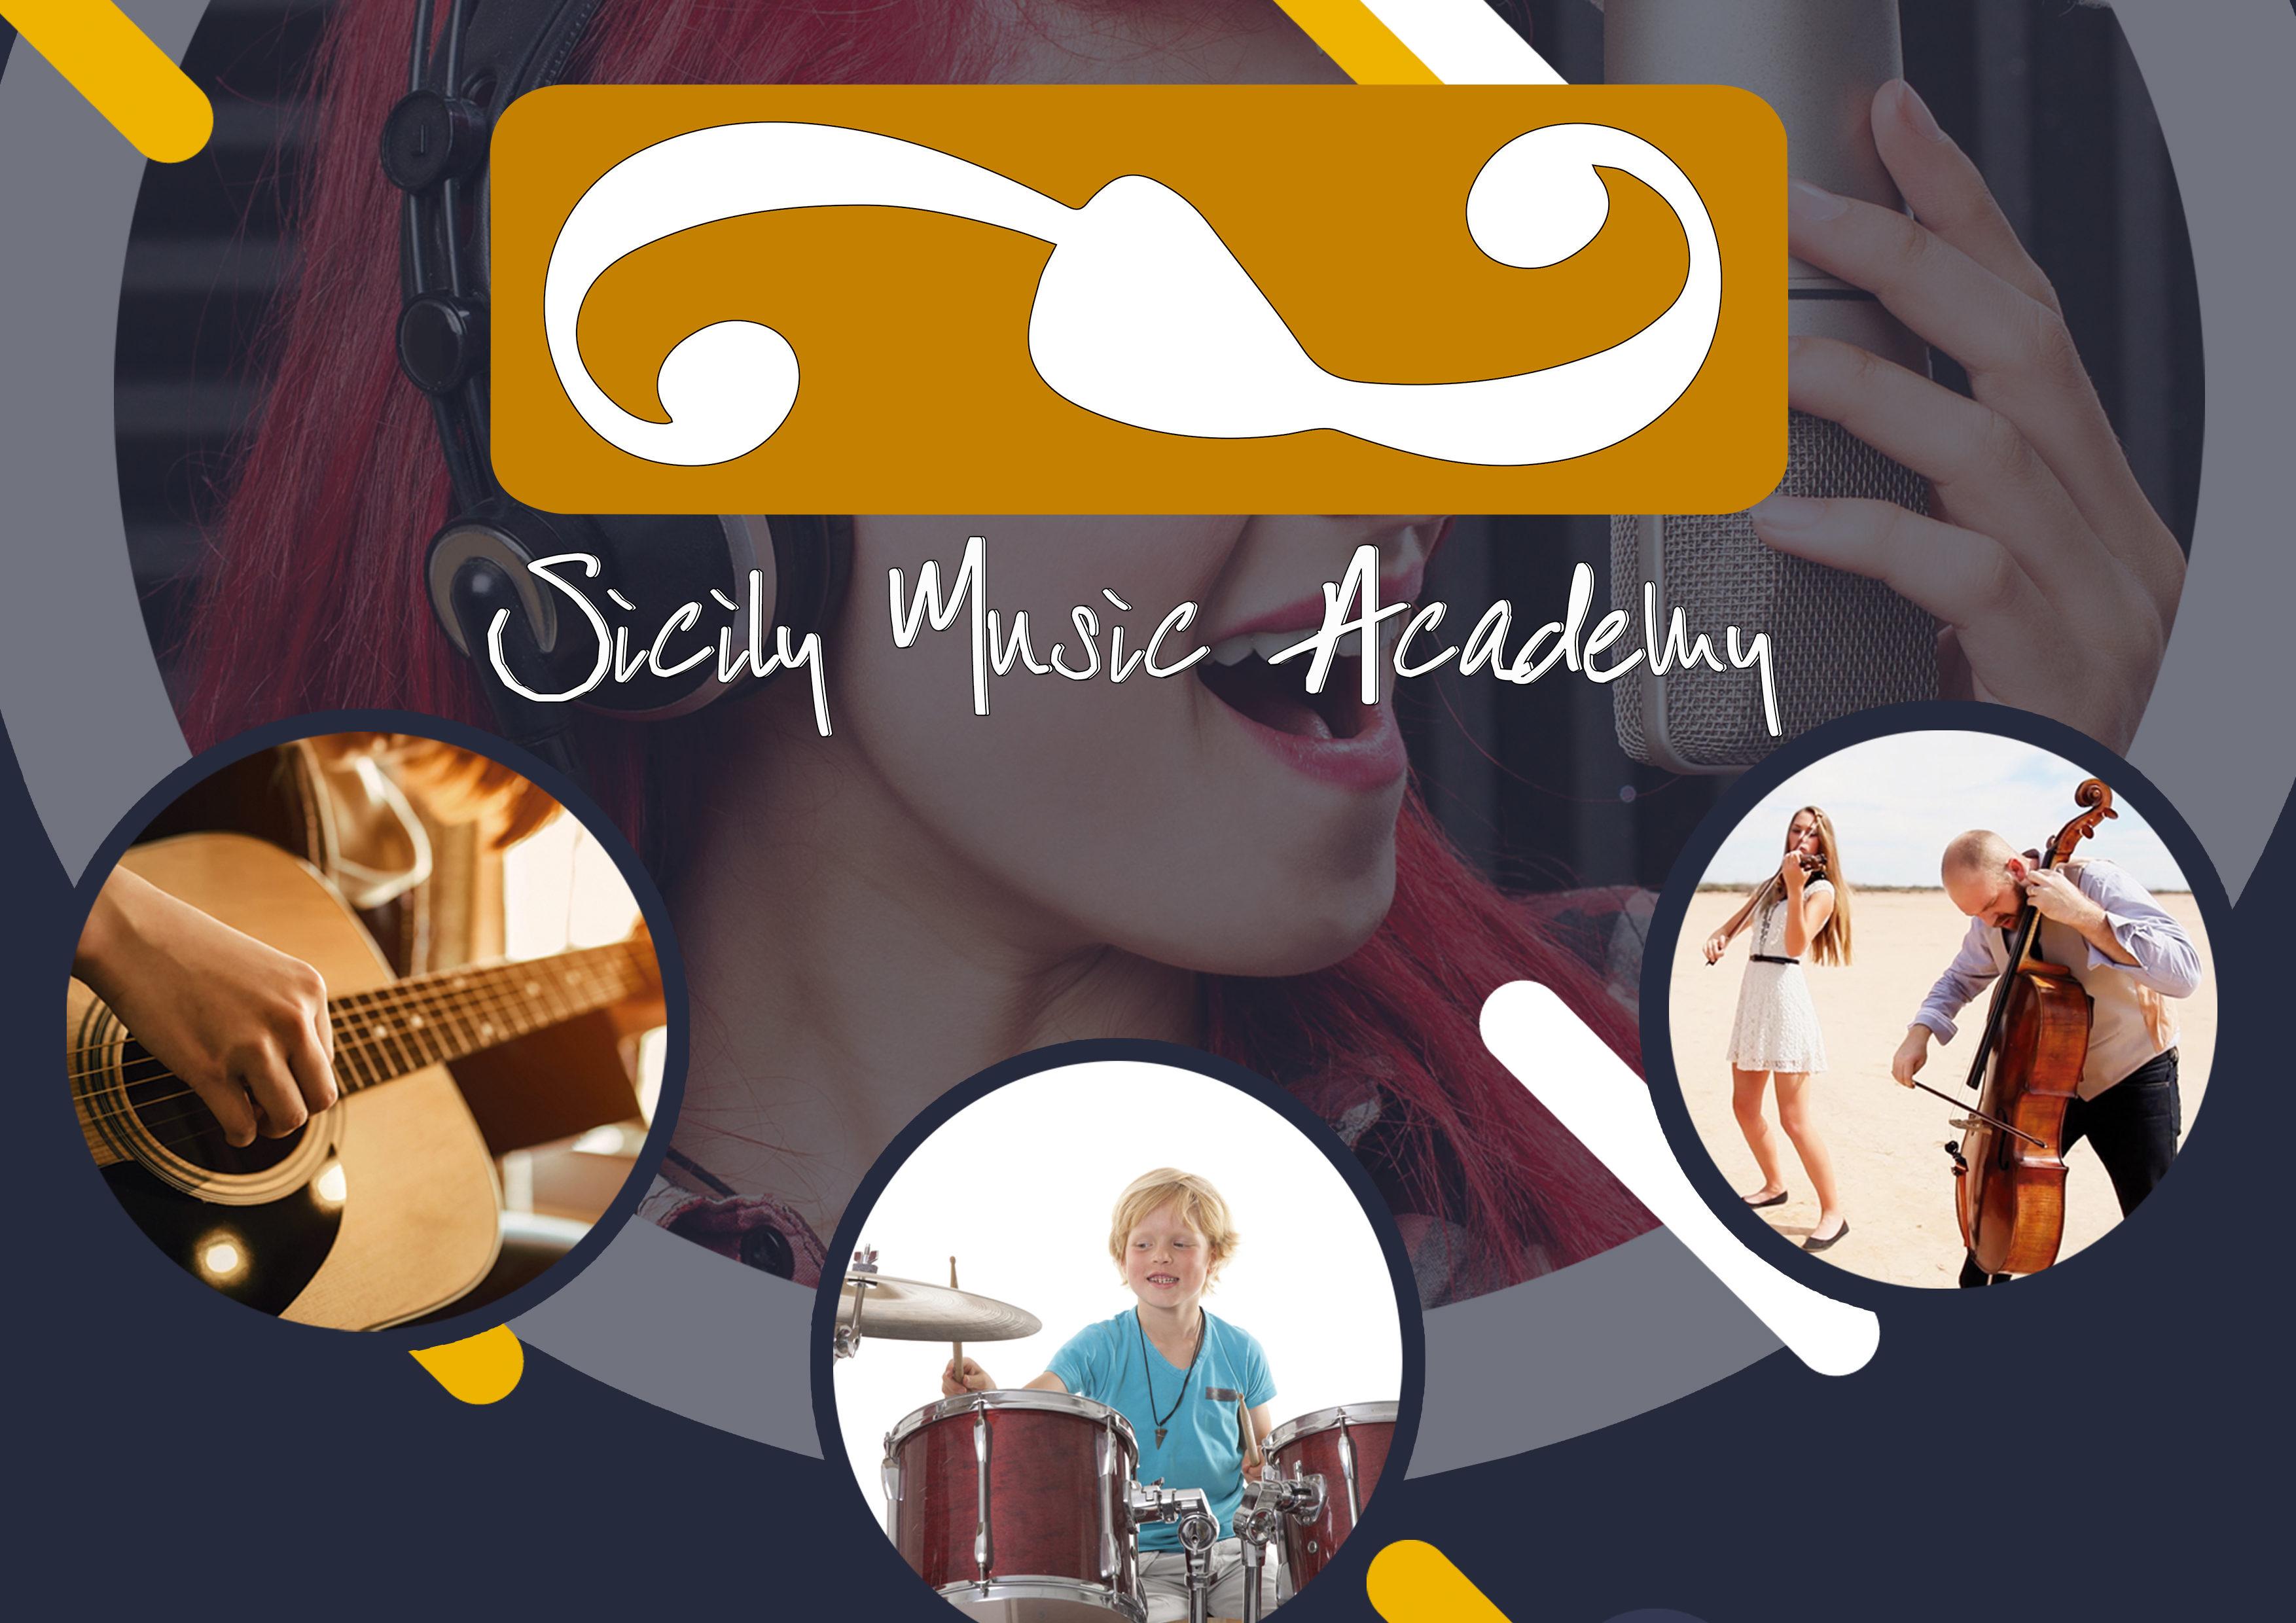 Sicily Music Academy, aperte le iscrizioni per l'anno 2020/2021